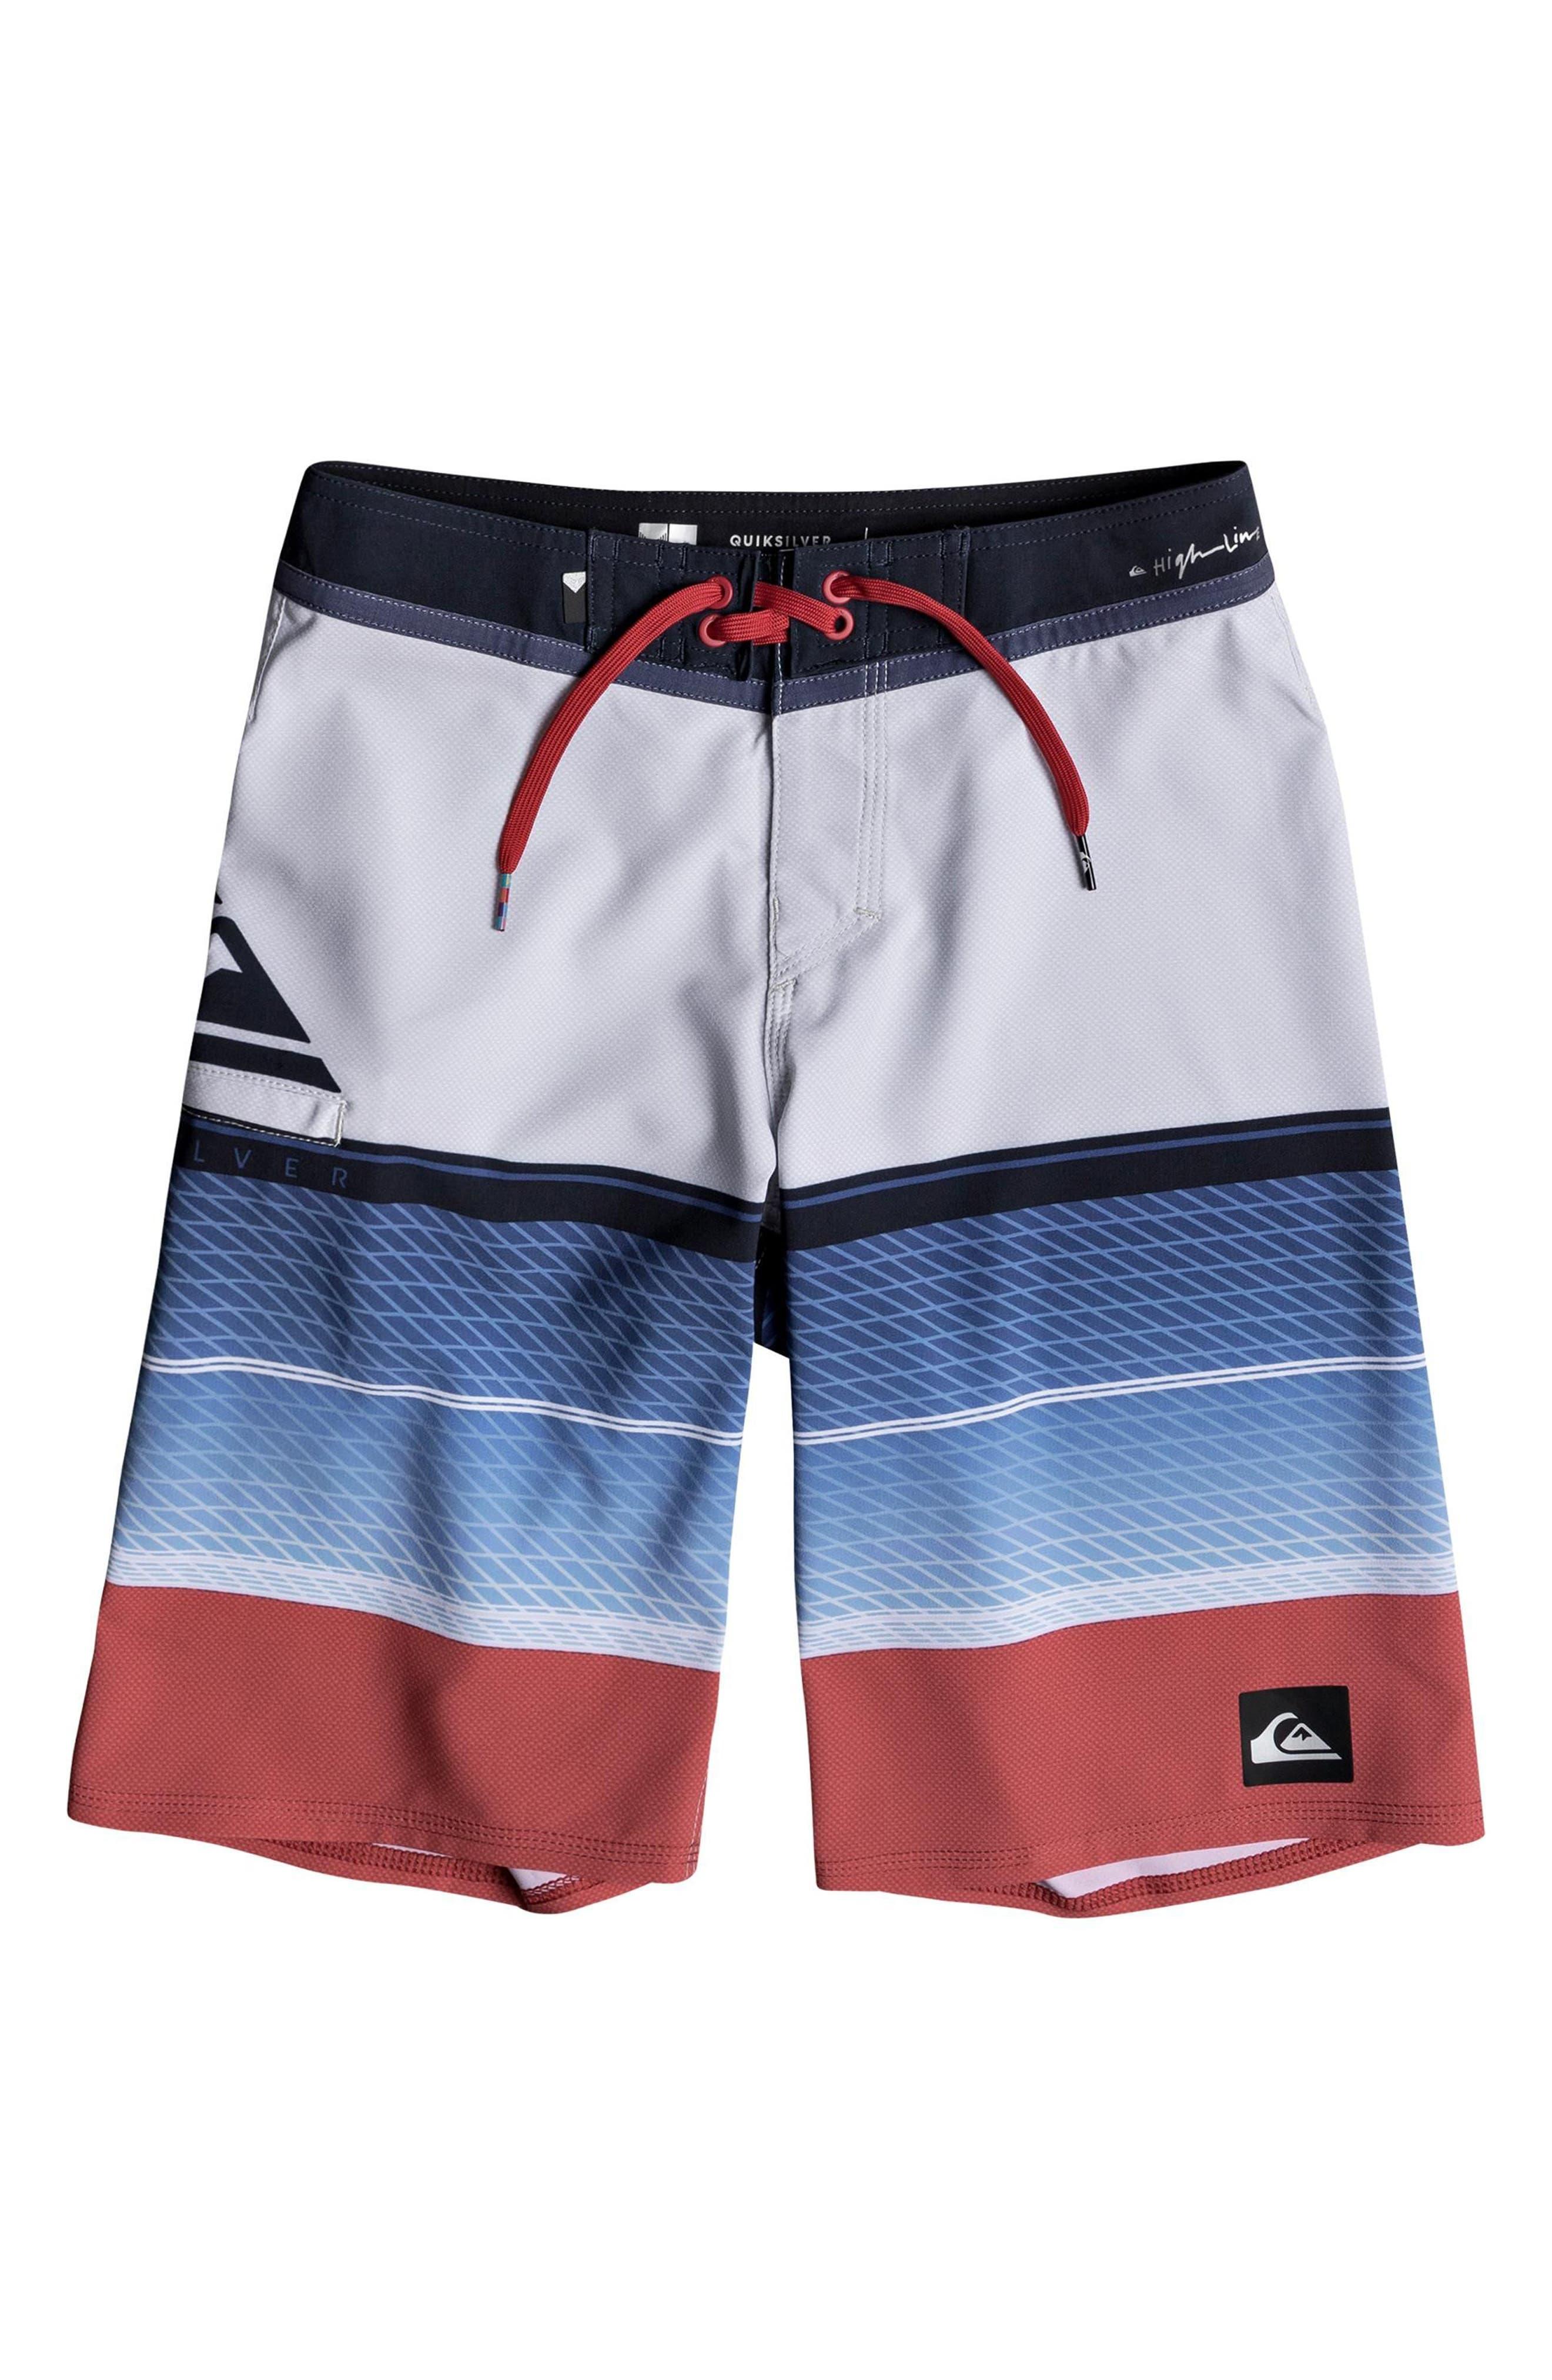 Highline Slab Board Shorts,                         Main,                         color,